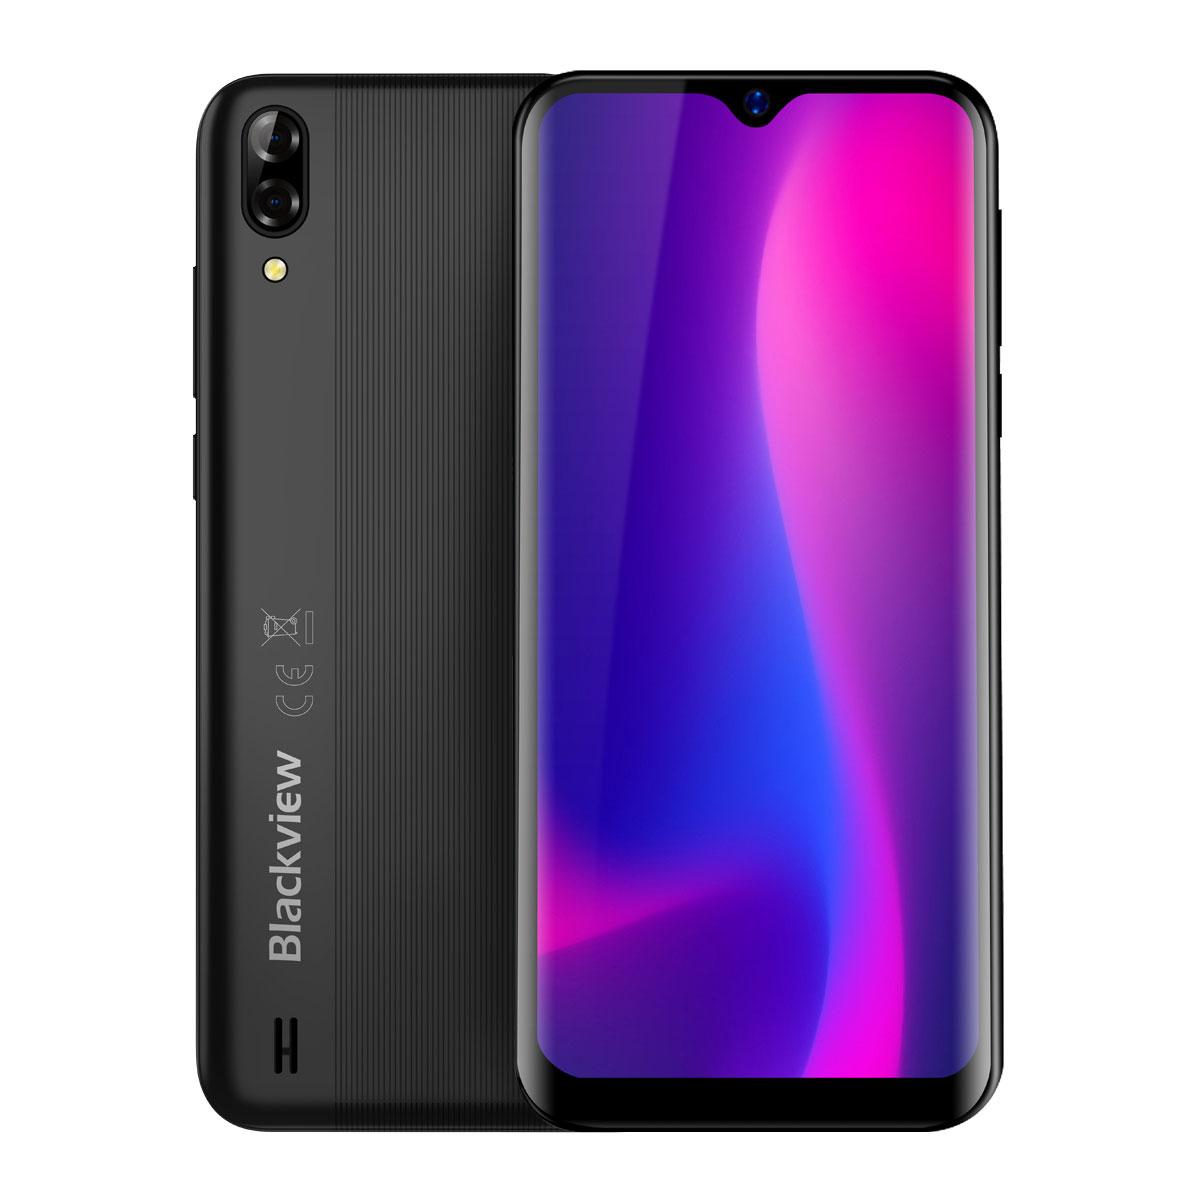 """Smartphone 6.1"""" Blackview A60 - HD+, 3G, 1 Go RAM, 16 Go ROM (store.blackview.hk)"""